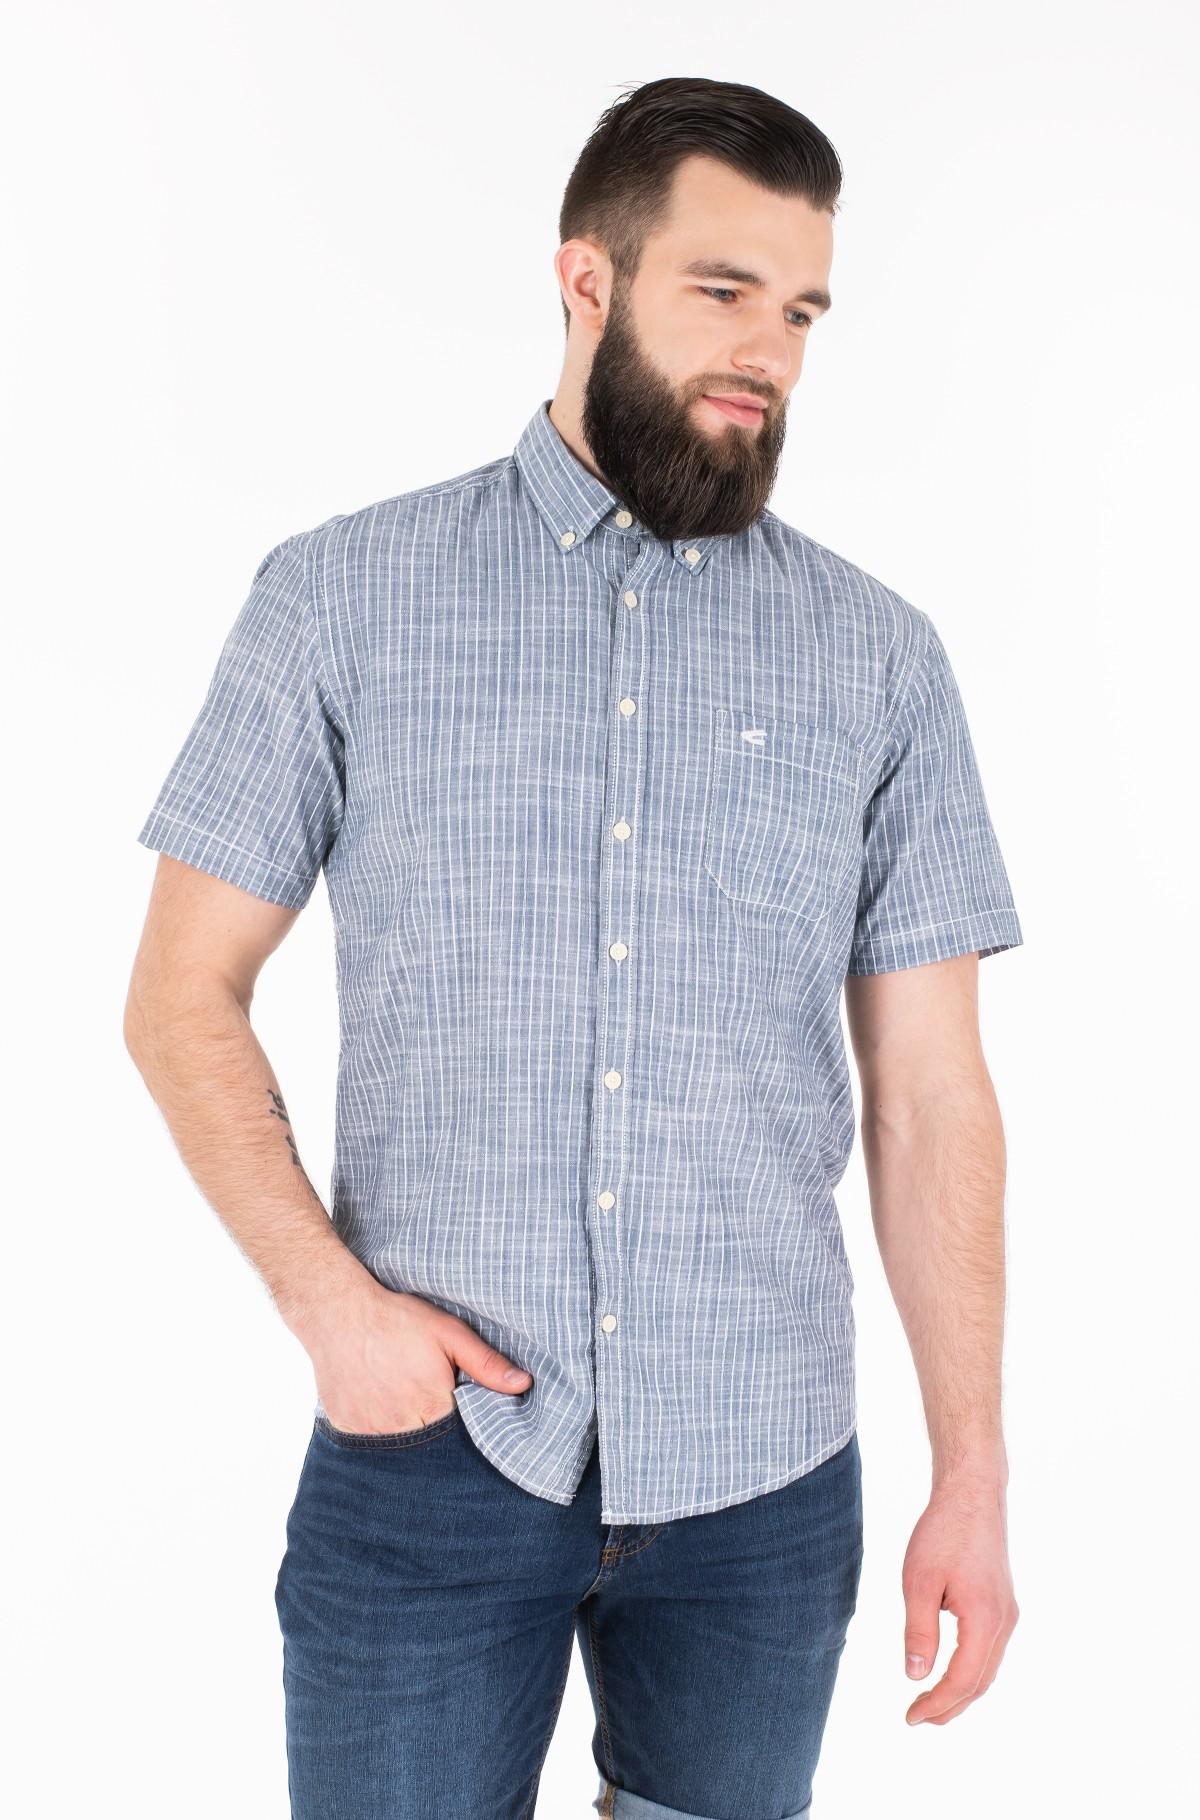 Marškiniai su trumpomis rankovėmis 31.216025-full-1